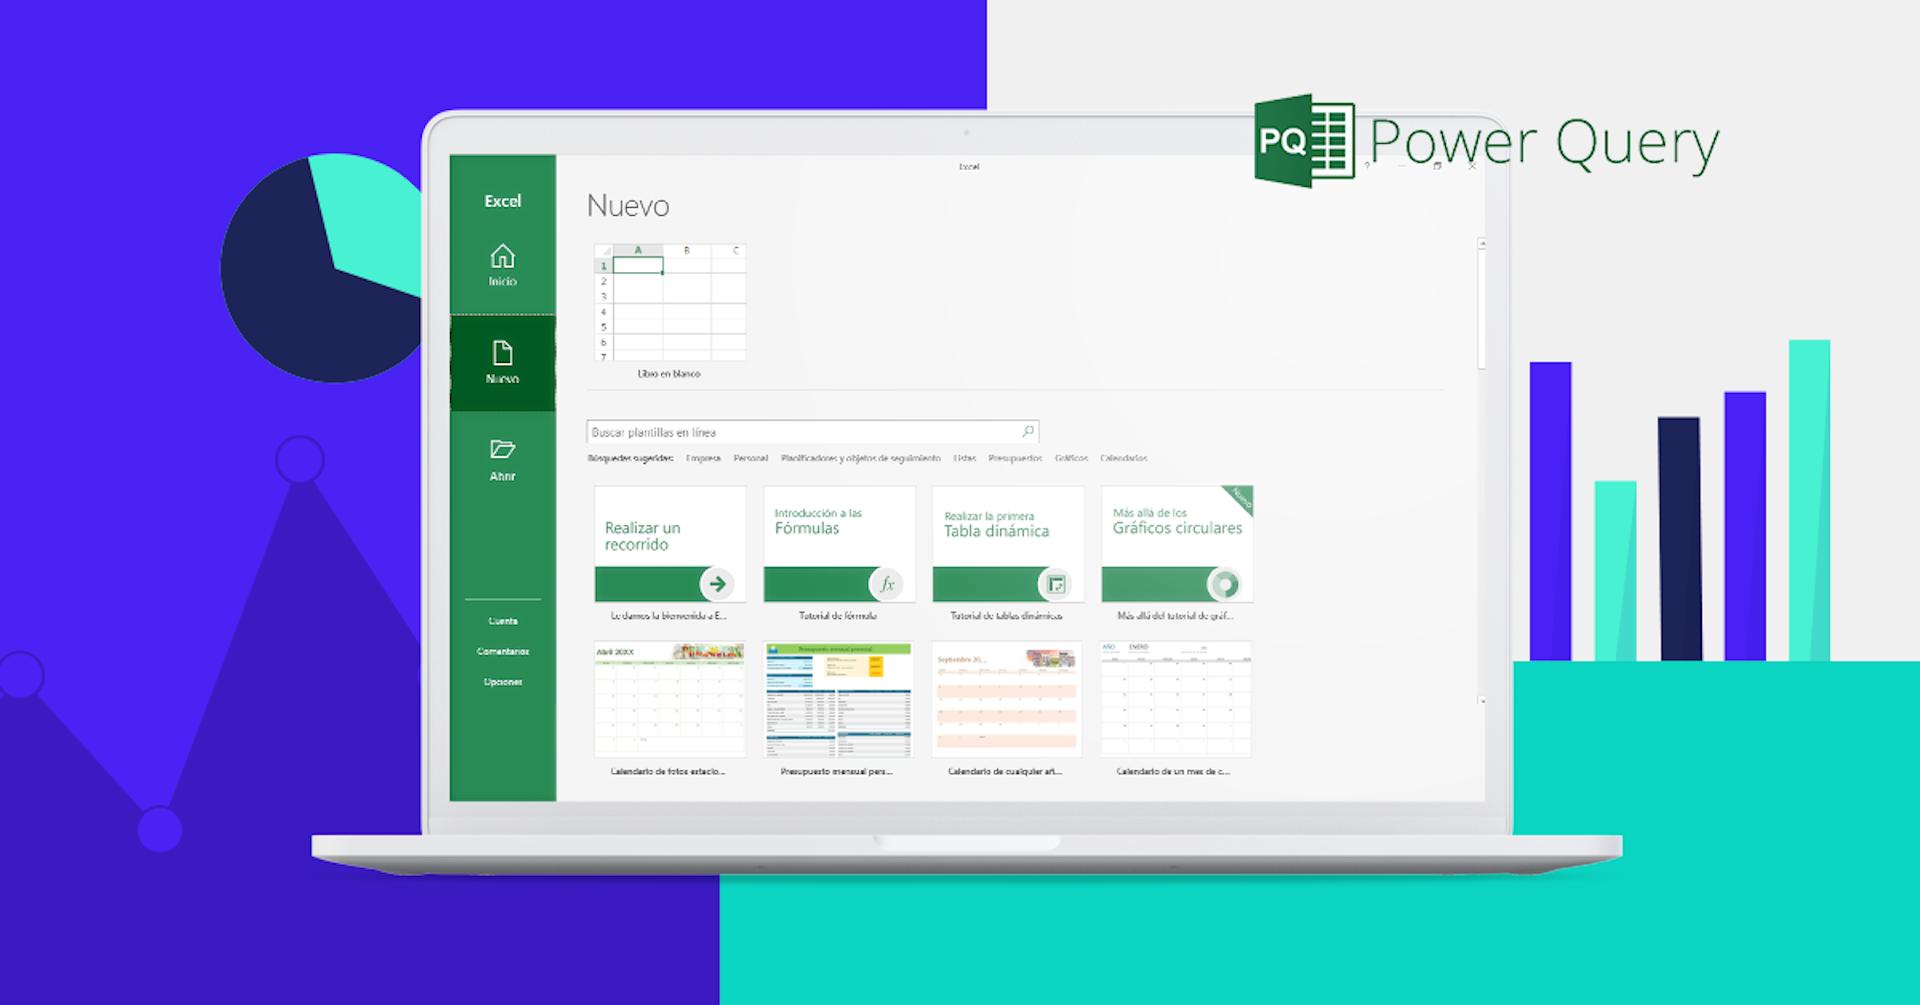 ¿Qué es Power Query?: ¡No pierdas años de tu vida ordenando data en Excel!